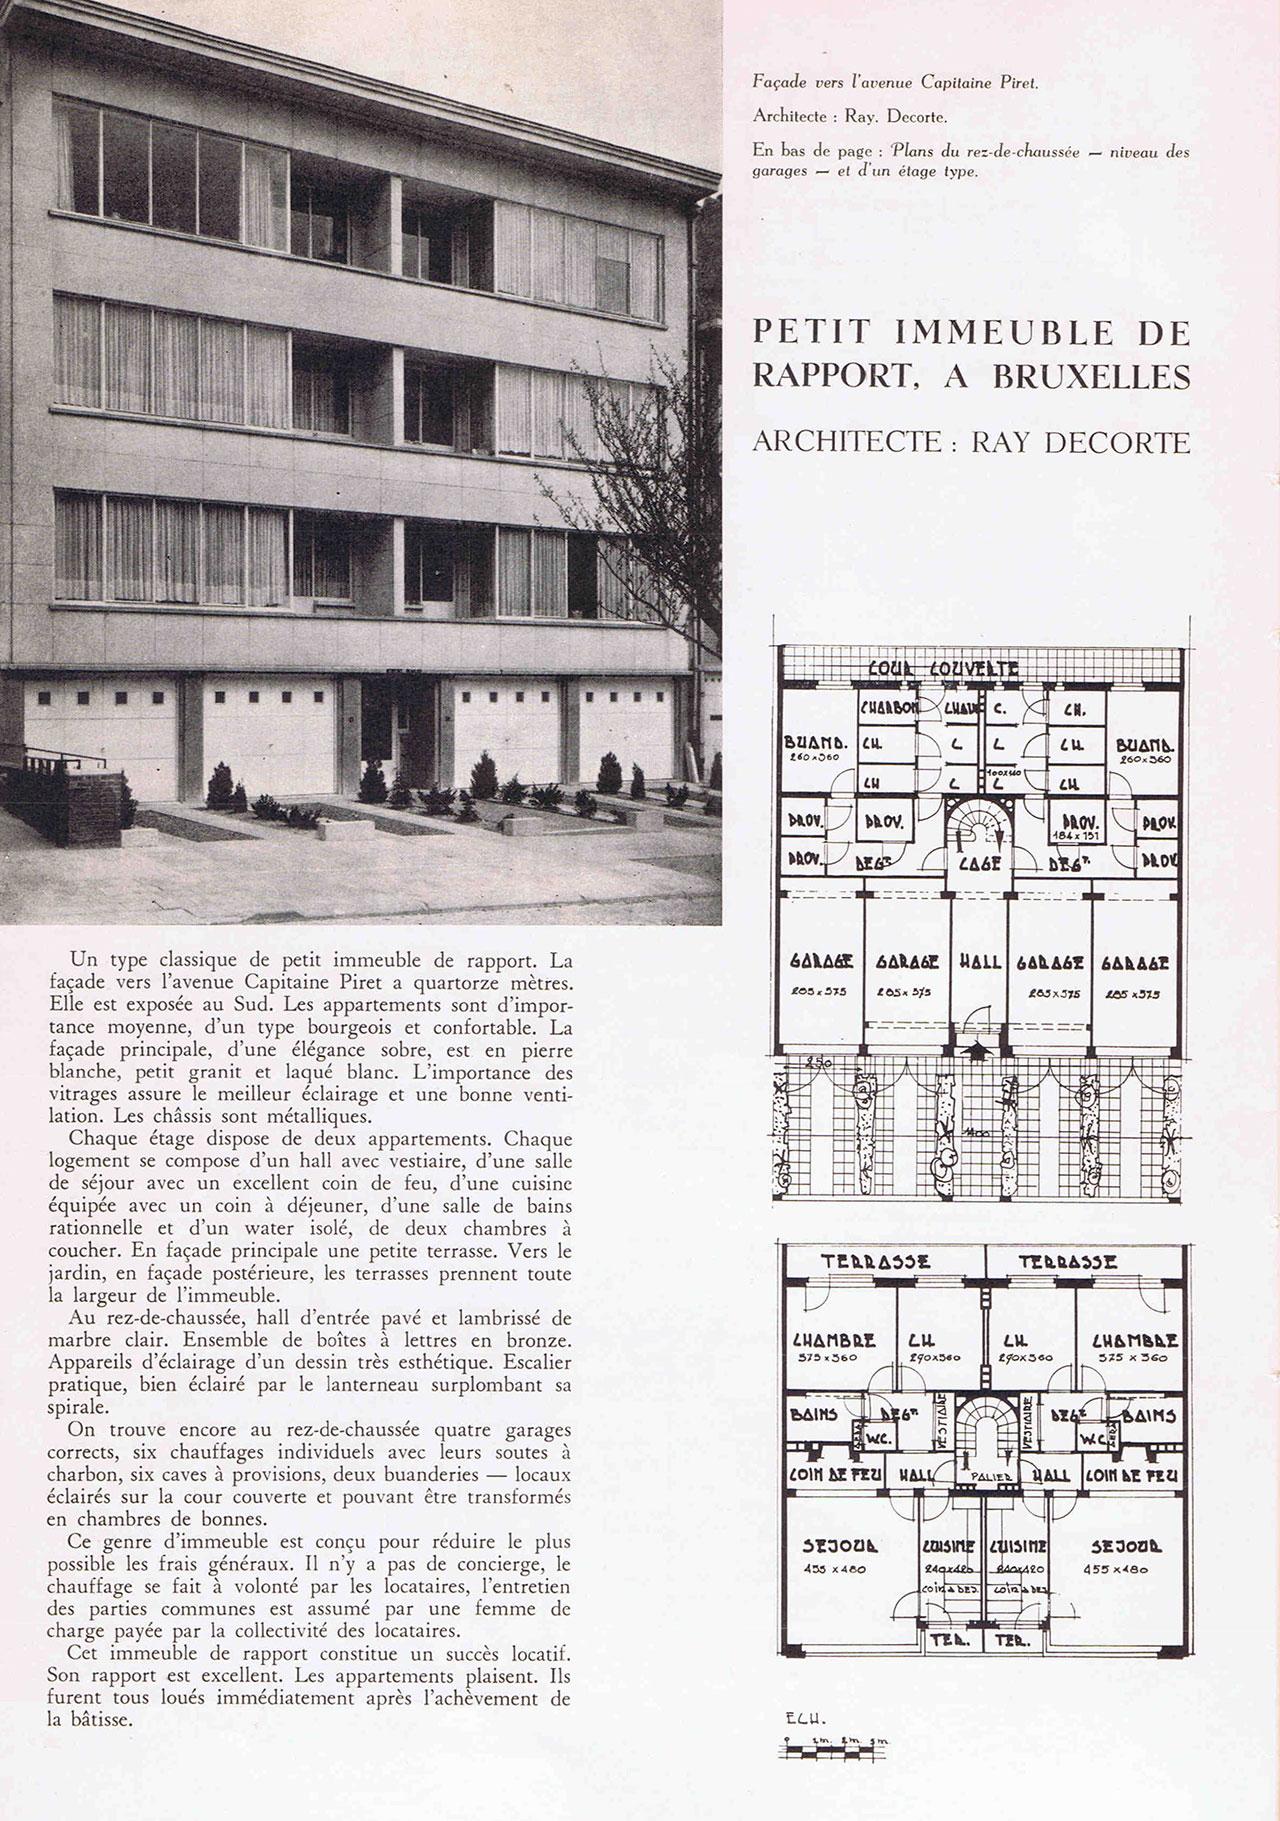 Petit immeuble de rapport, à Bruxelles